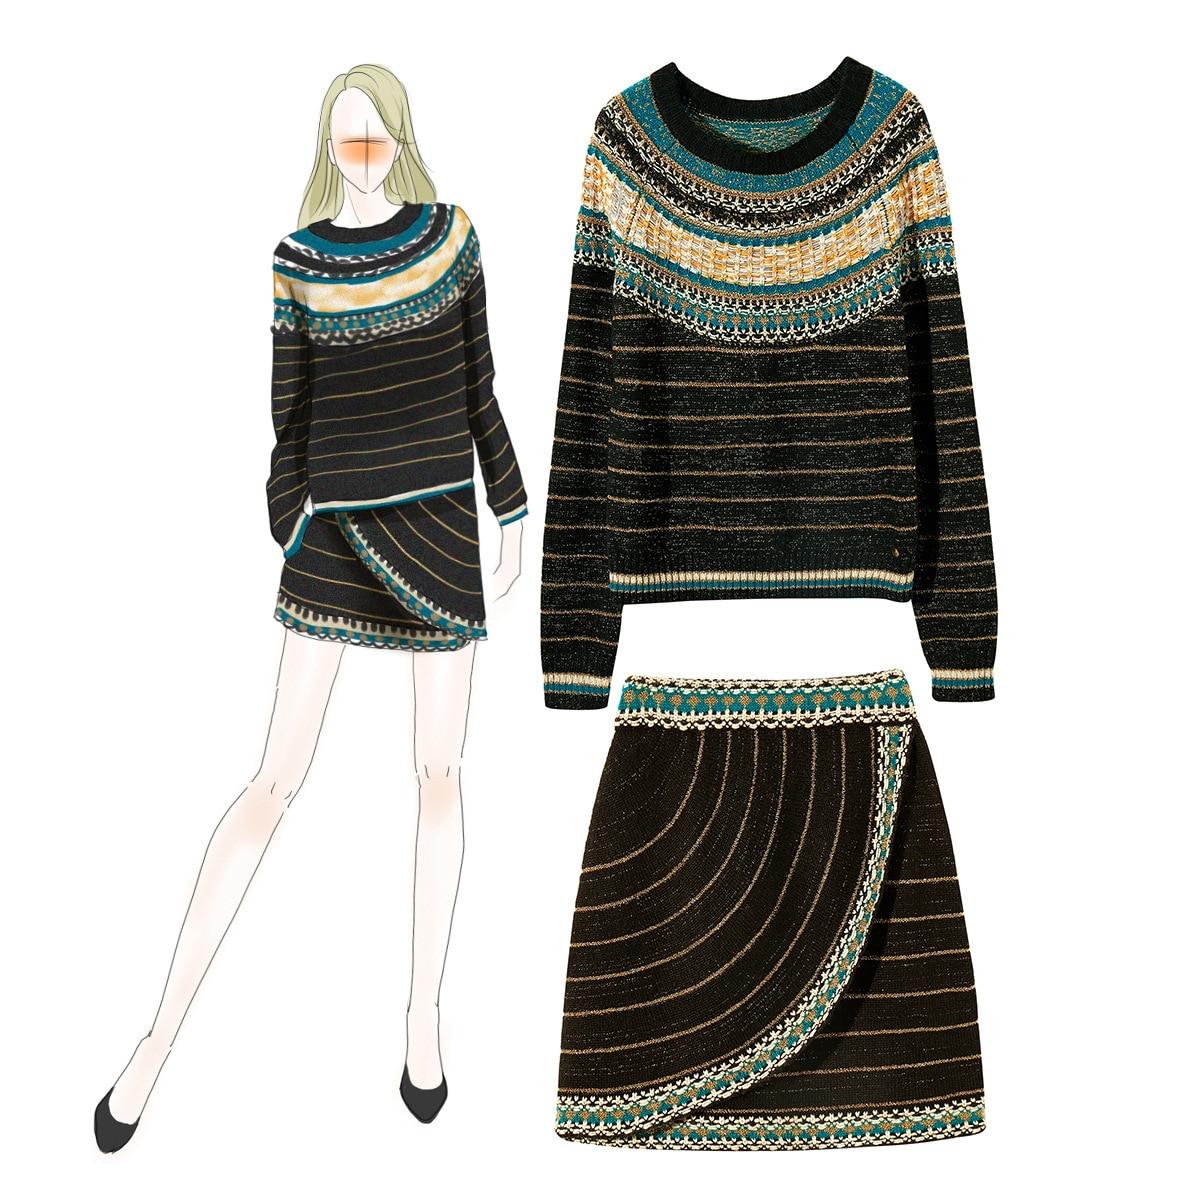 Зима 2019, Европейская мода, Классический шерстяной смешанный вязаный полосатый свитер, топы и подходящая половинчатая юбка, 2 предмета, наряд...